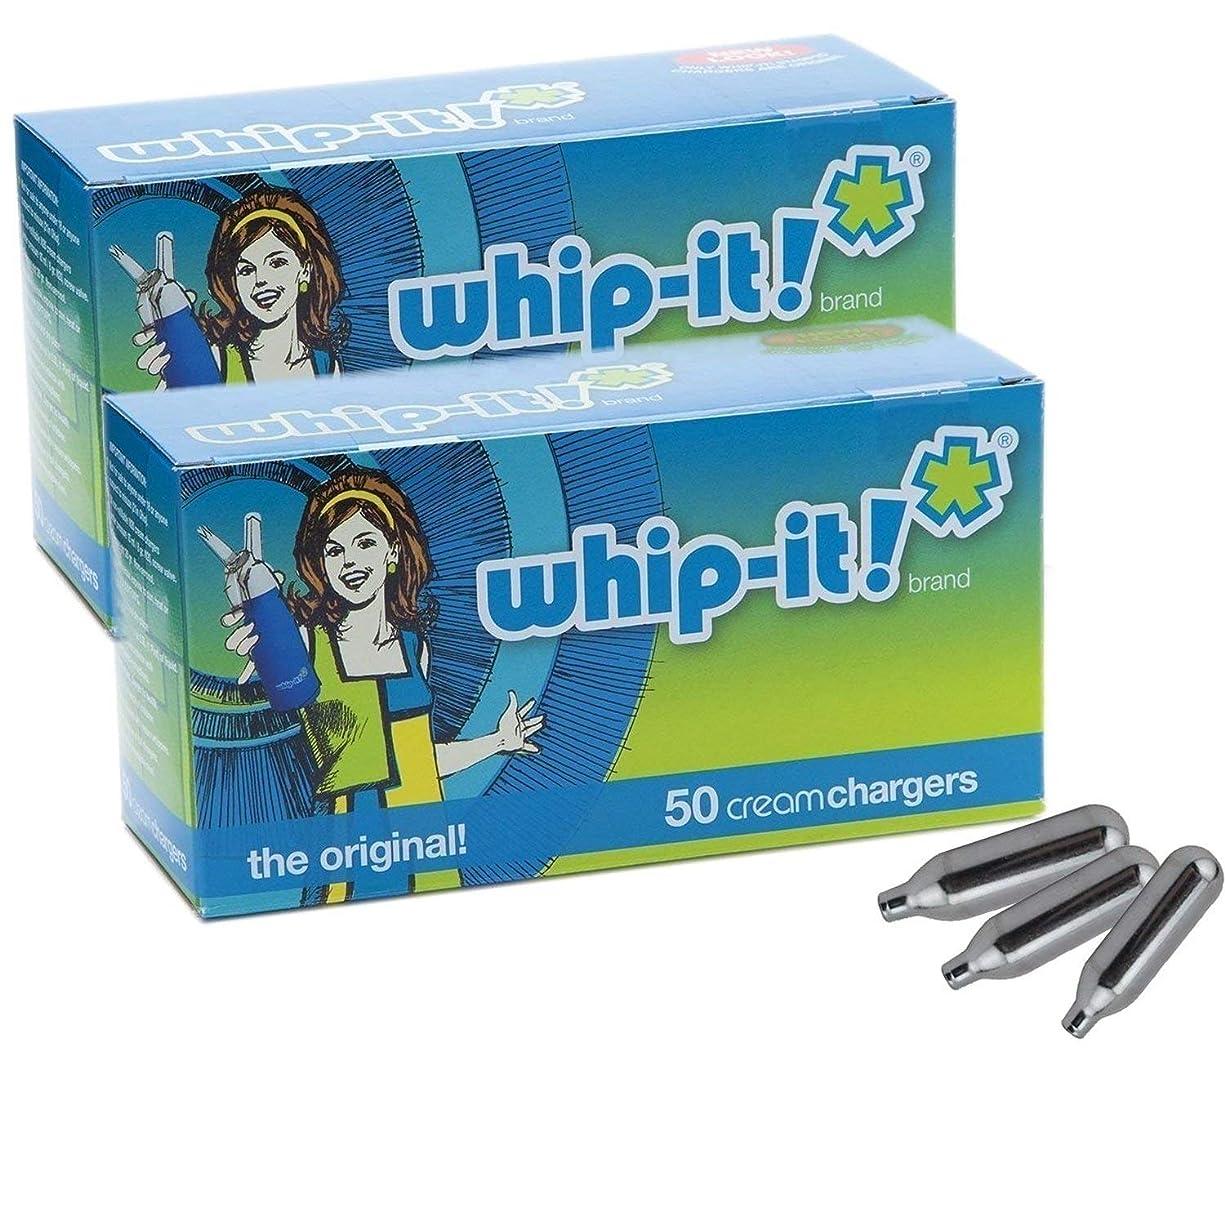 無視できるいっぱい二週間Whip-it! ブランド:オリジナルホイップクリームの充電器(100 パック)